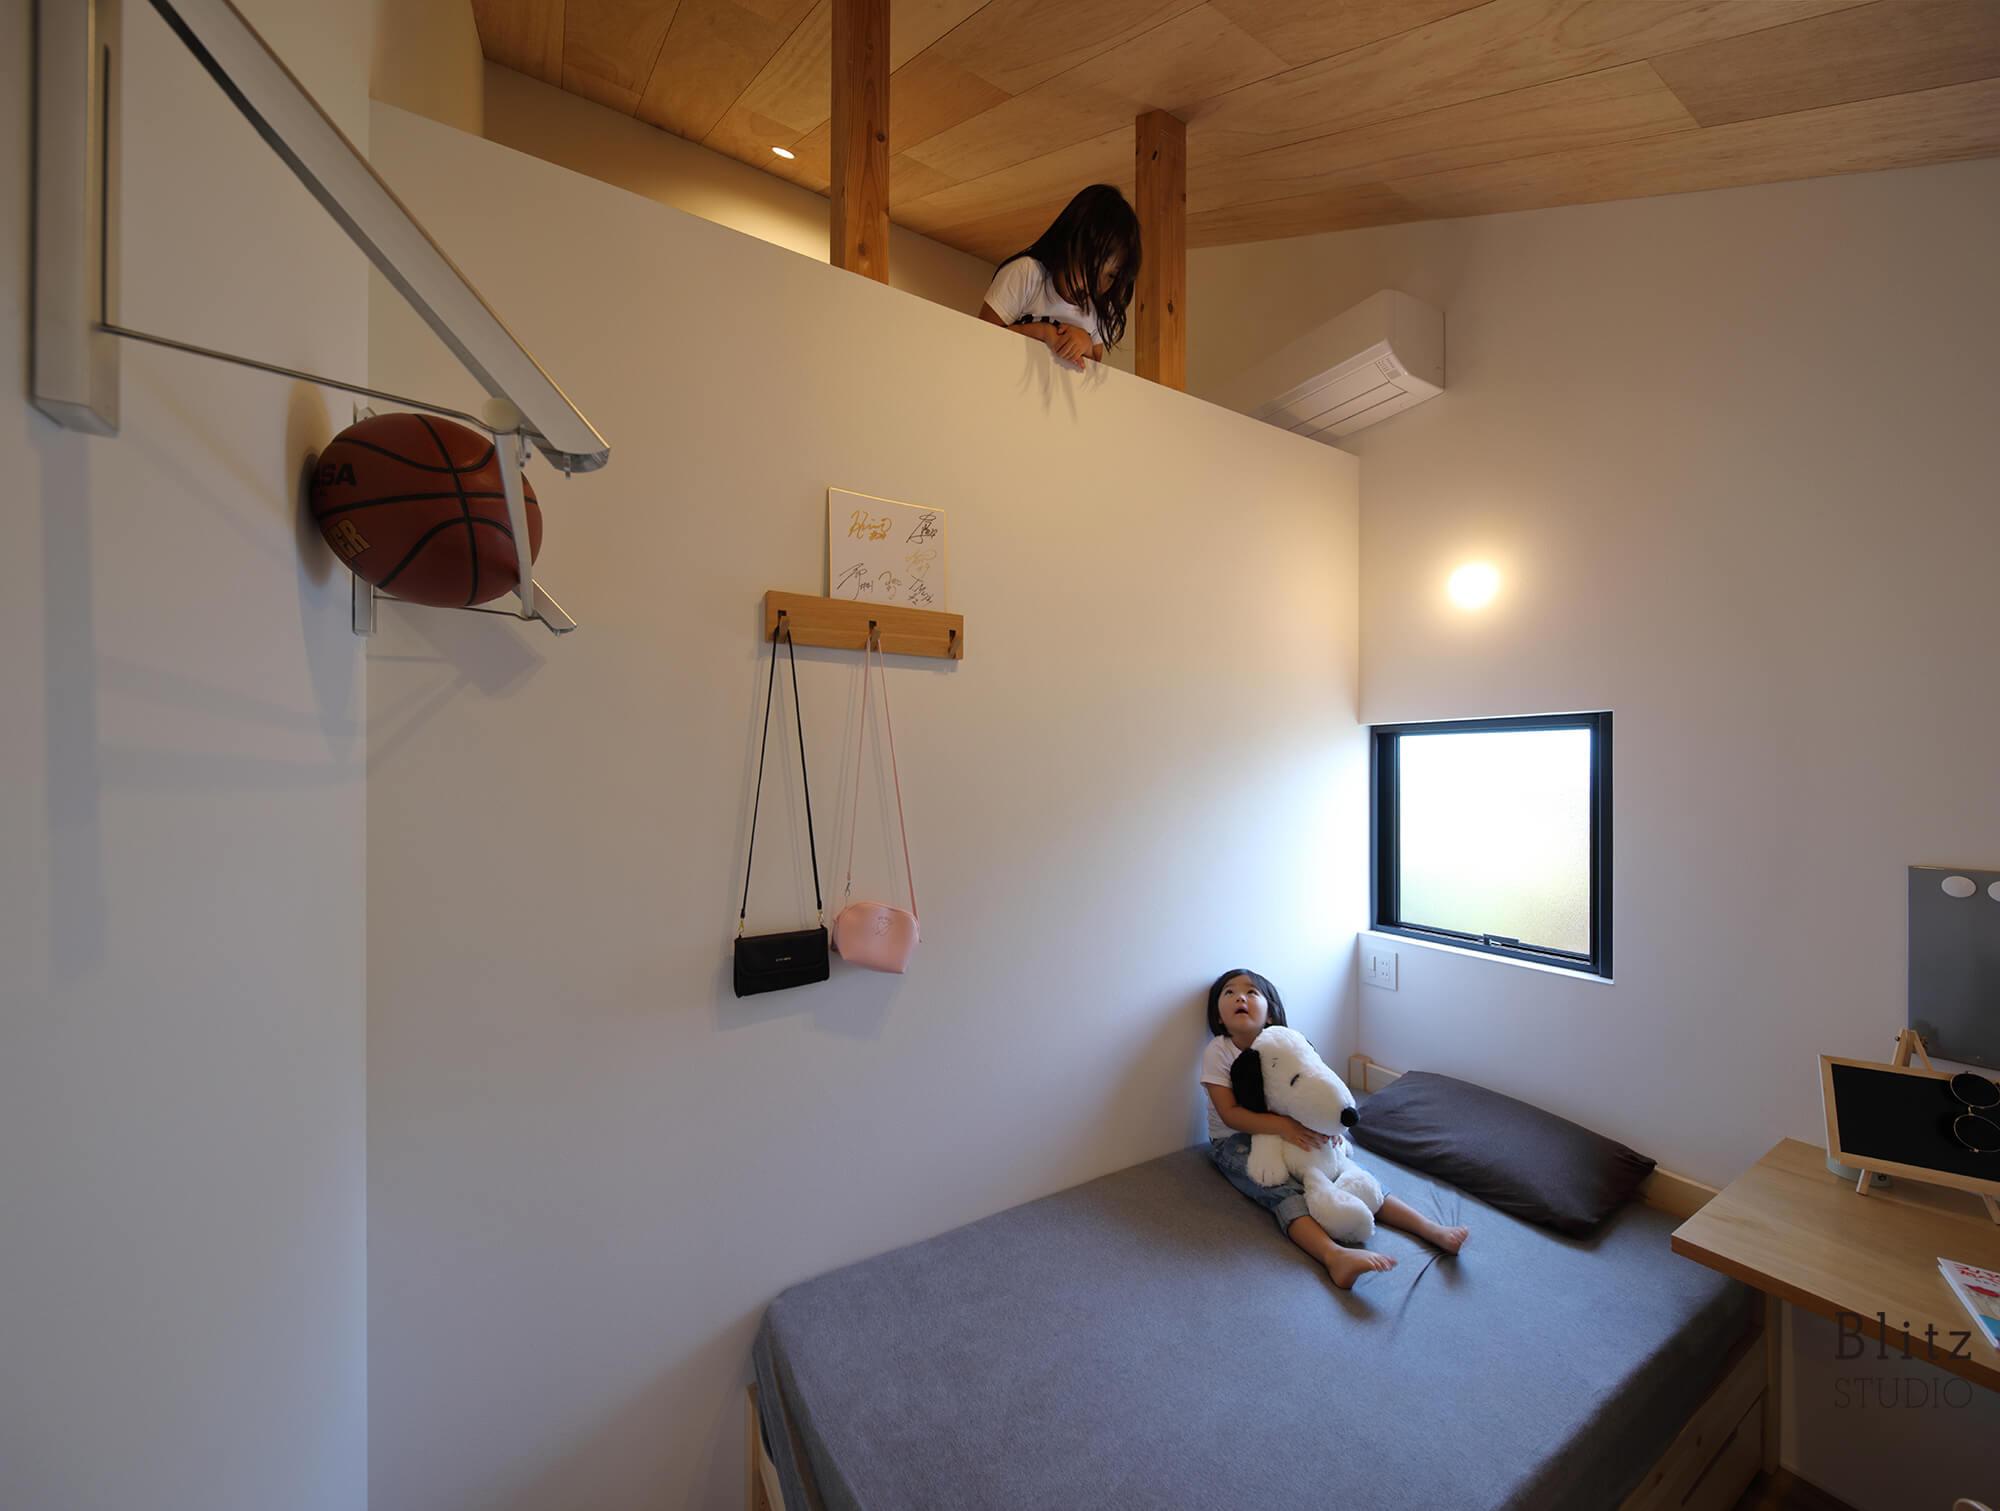 『阿木名の家』建築写真・竣工写真・インテリア写真14